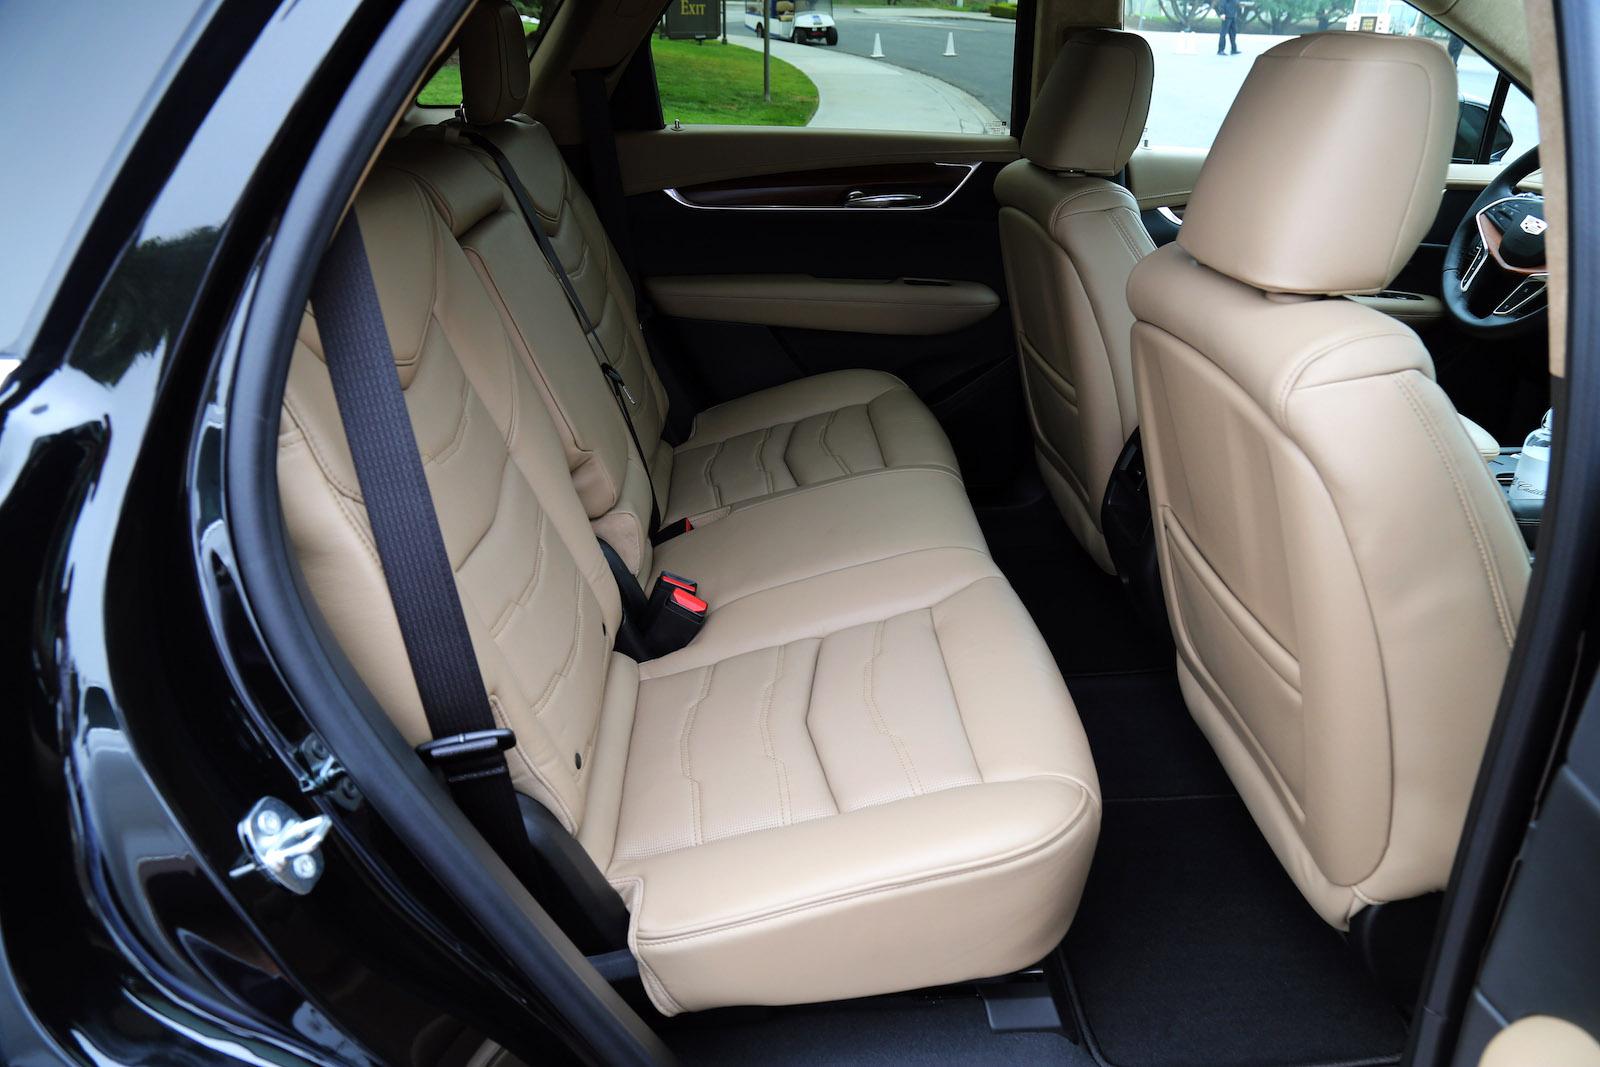 Xt Rear Seats